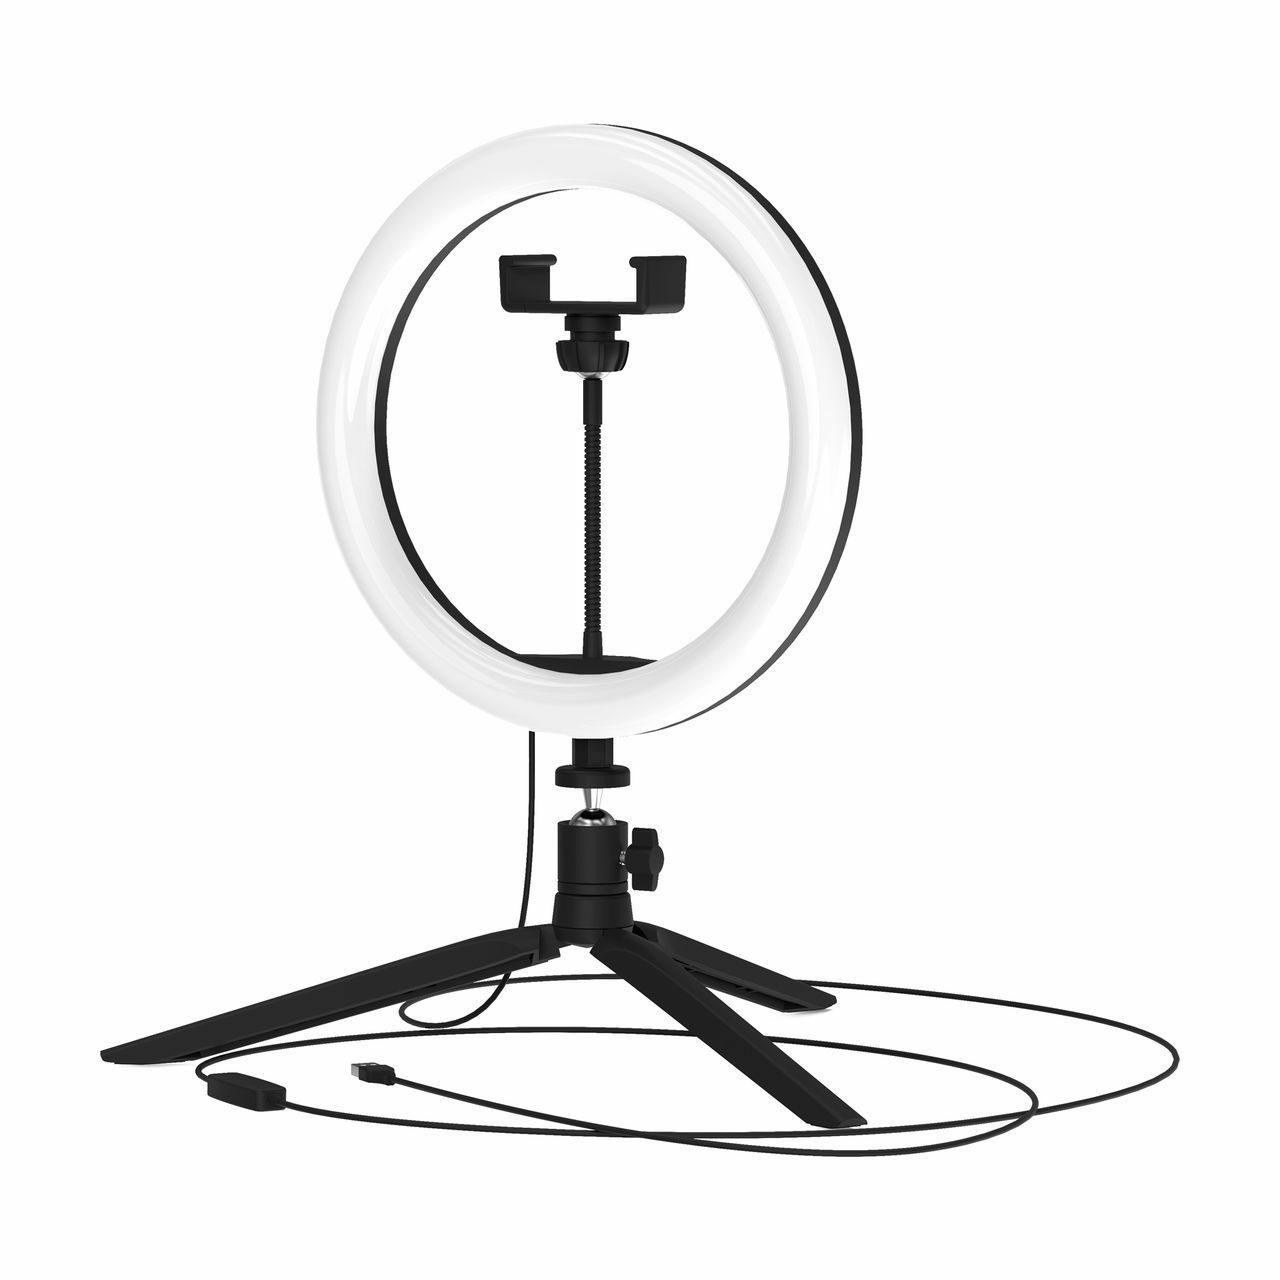 Кольцевая  лампа селфи Gauss  св-к 14W(700lm) D26см USB пульт тренога IP20 Ring Light RL002